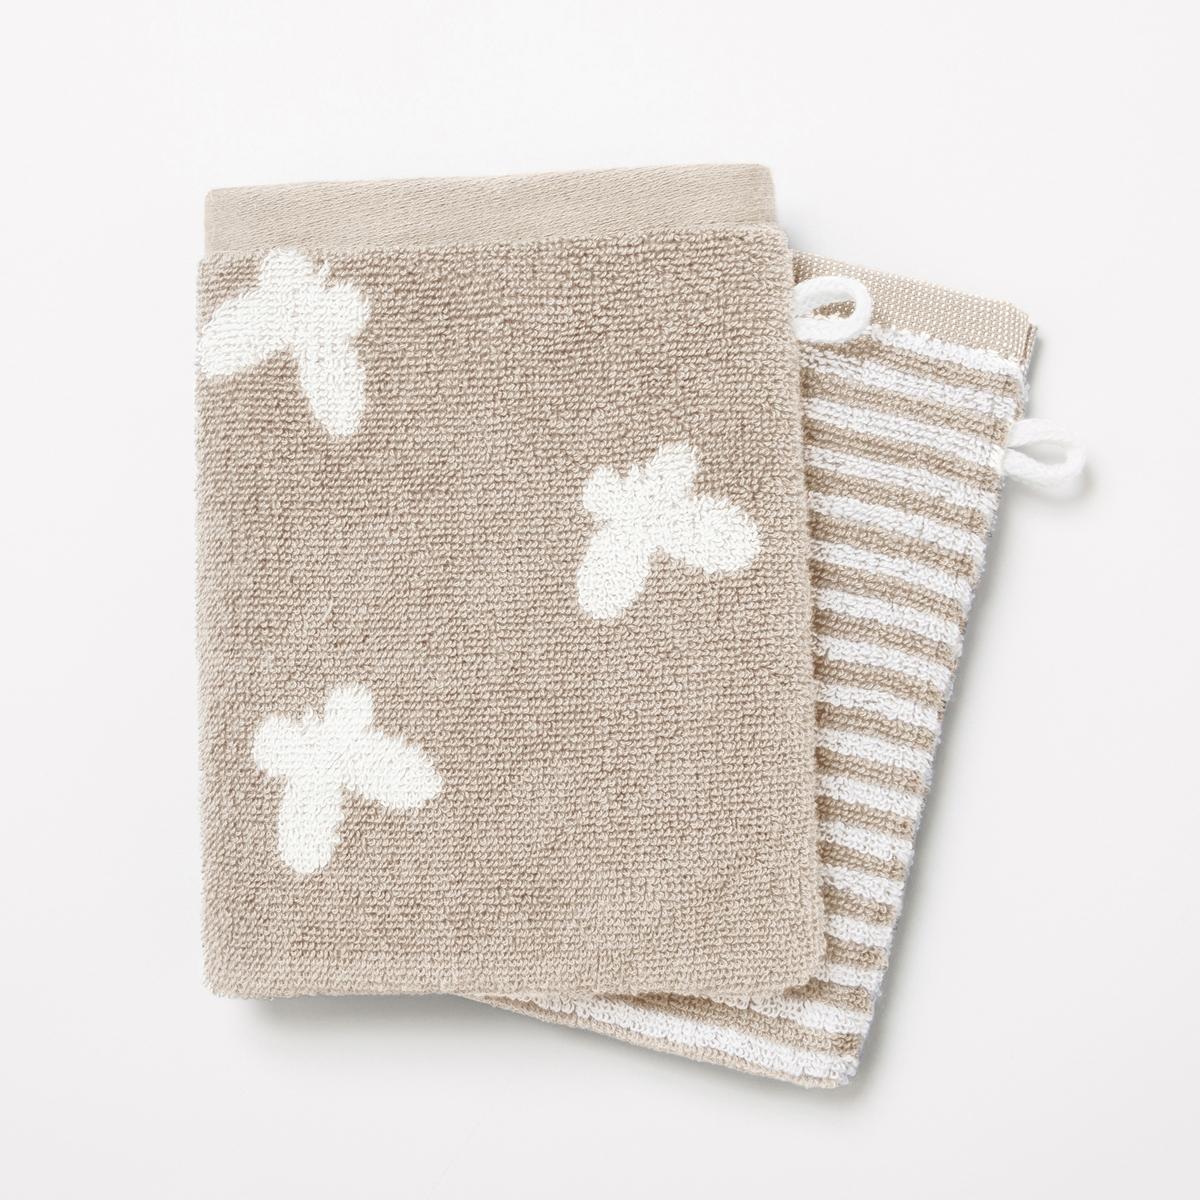 Комплект из 2 банных рукавичек из махровой ткани, 500 г/м² - CANELO (lot de 2) от La Redoute